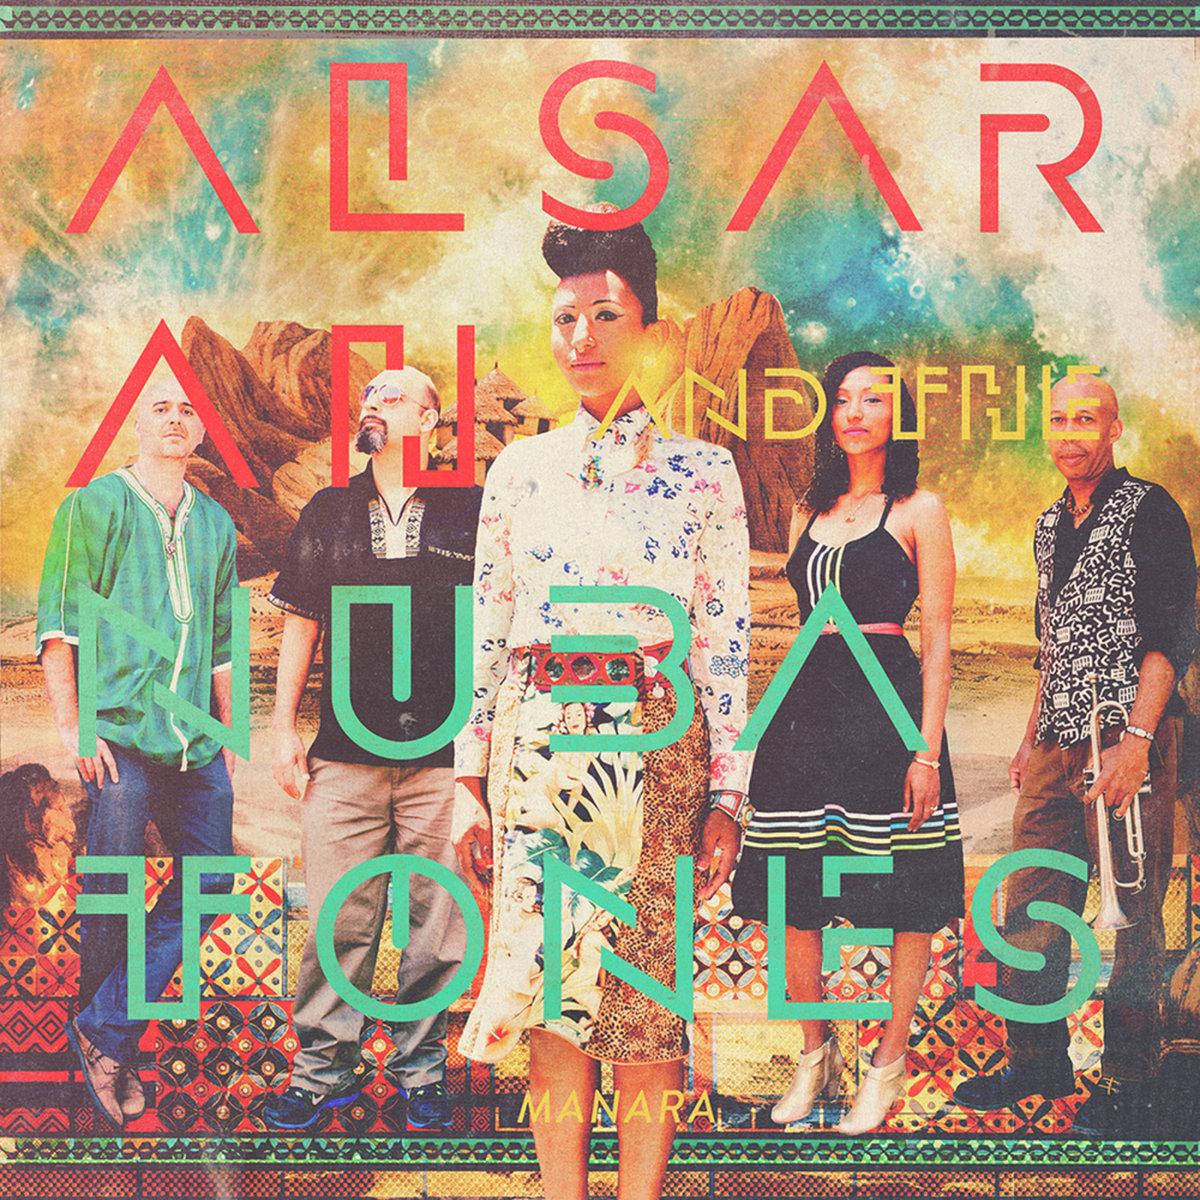 Alsarah & The Nubatones dévoile le deuxième extrait de Manara